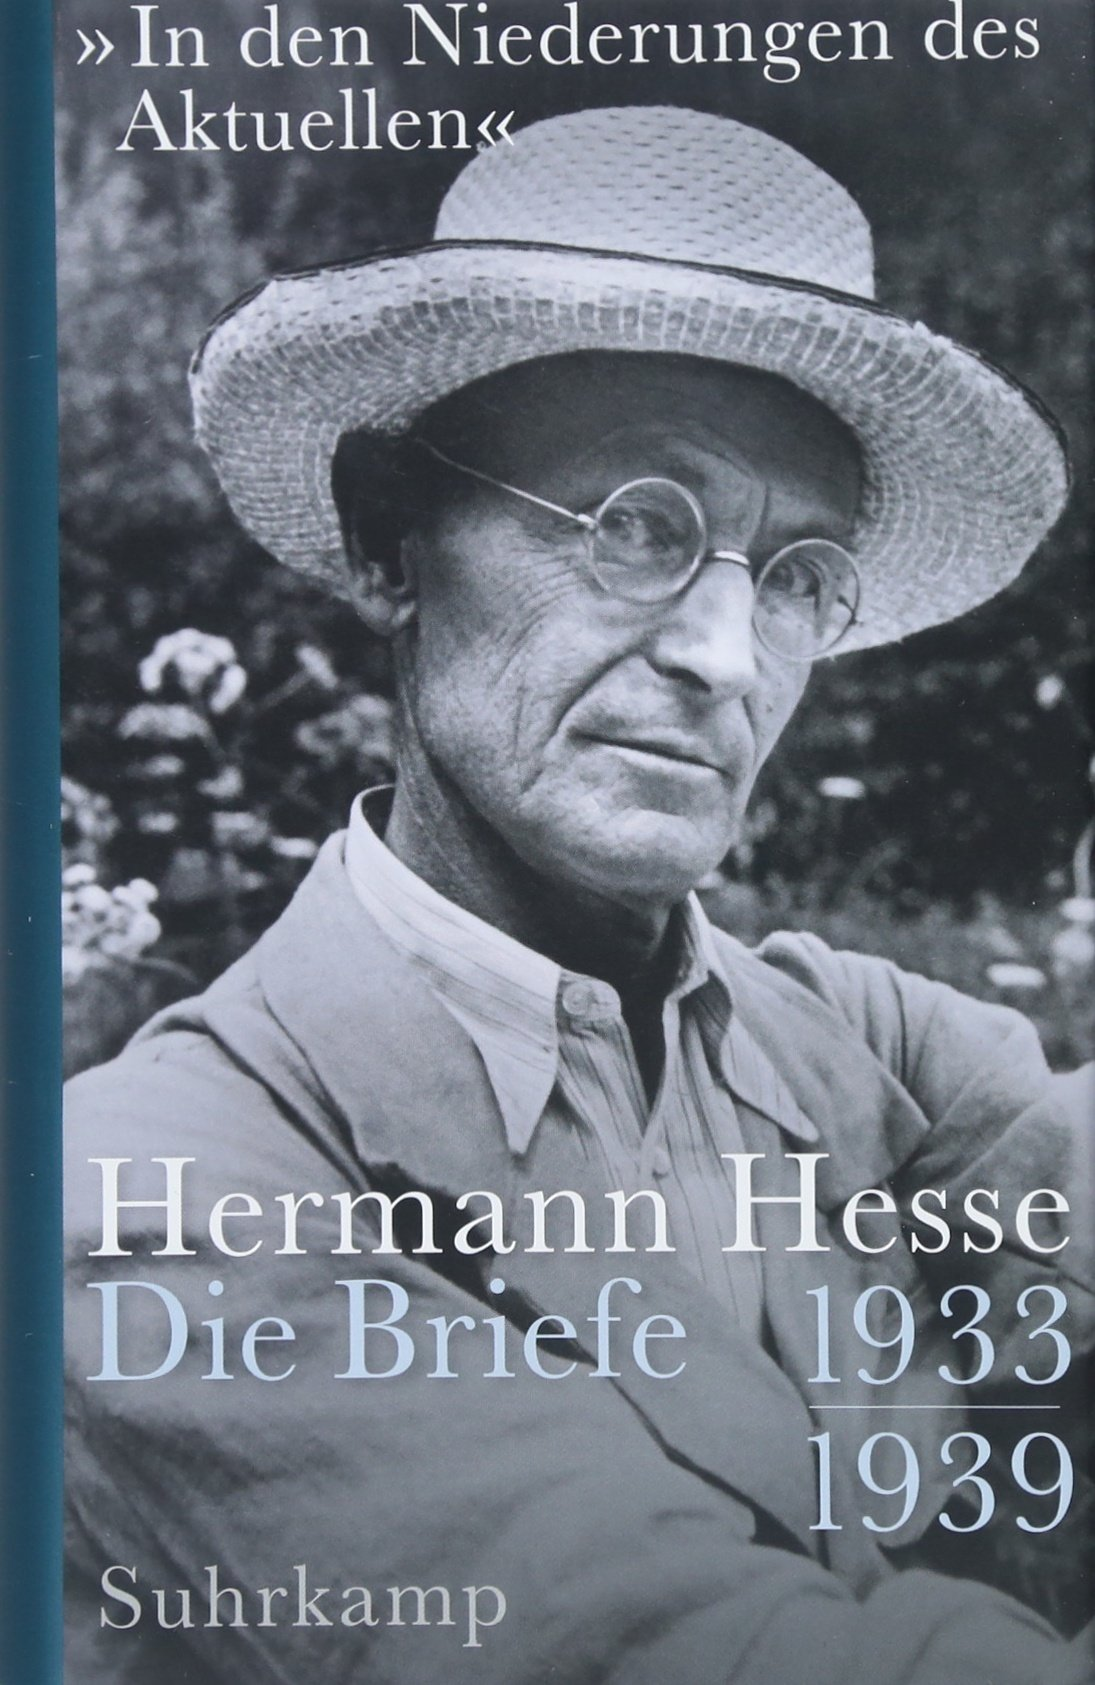 »In den Niederungen des Aktuellen«: Die Briefe. 1933-1939